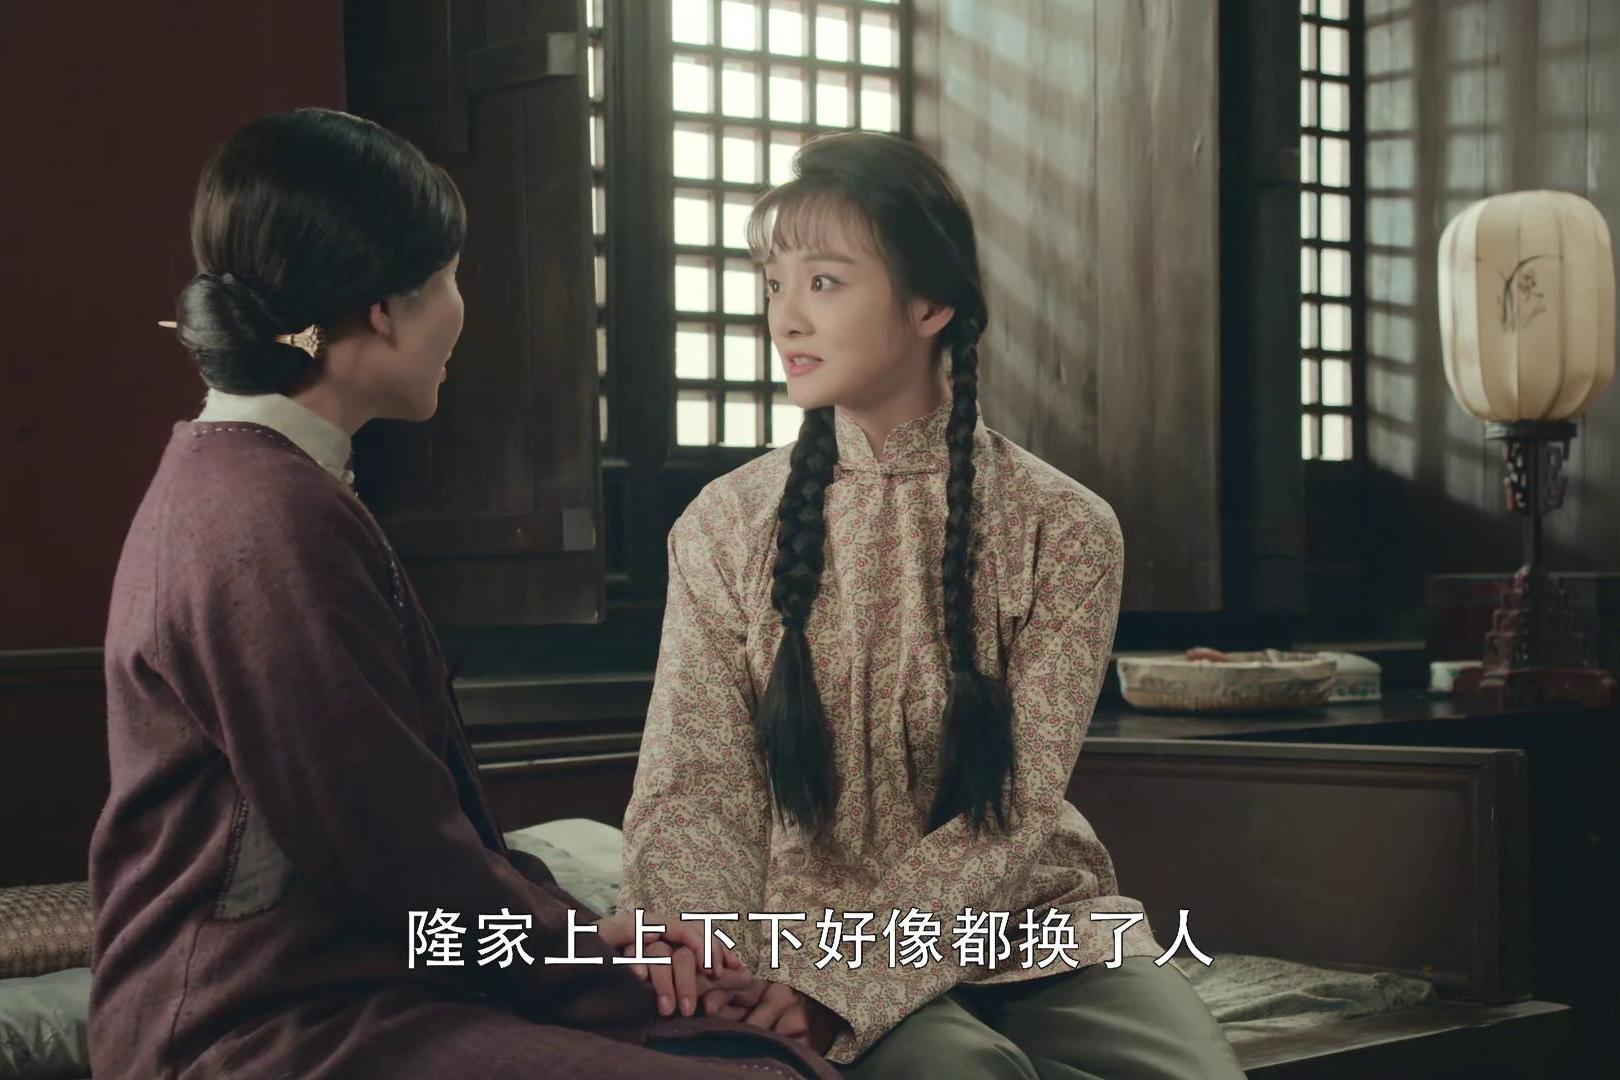 肖茵娘道剧照 娘道宣传照 于毅娘道剧照 娘道隆延宗 娘道演员  1620